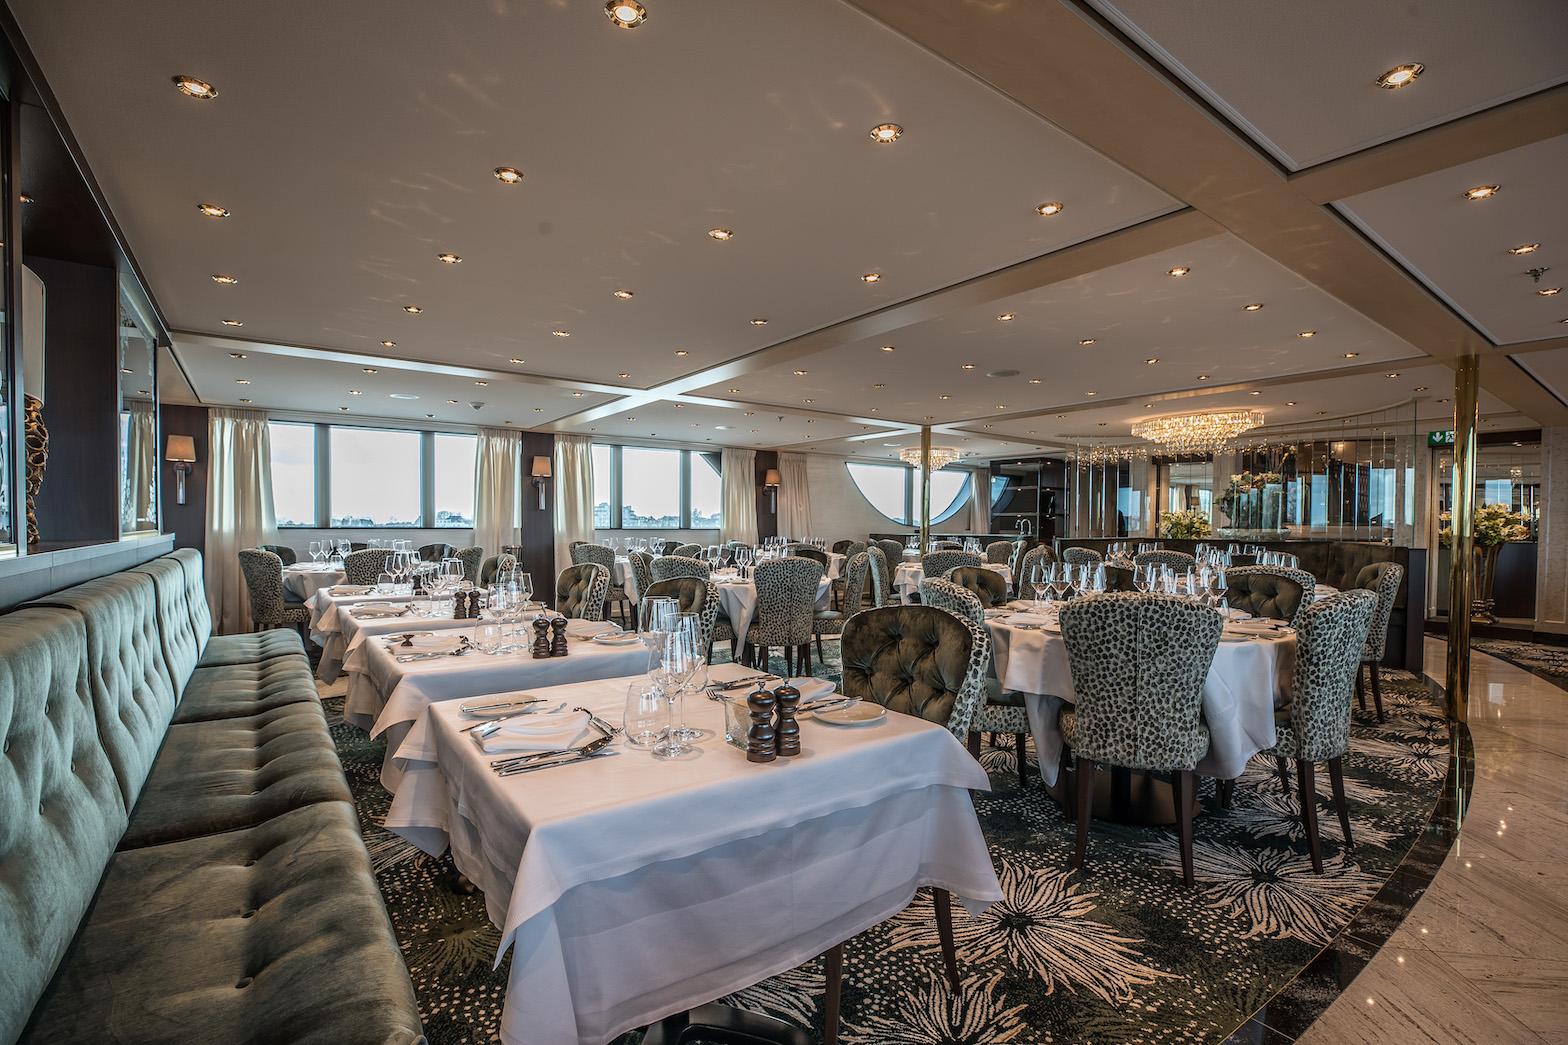 MS Geoffrey Chaucer Panorama Restaurant